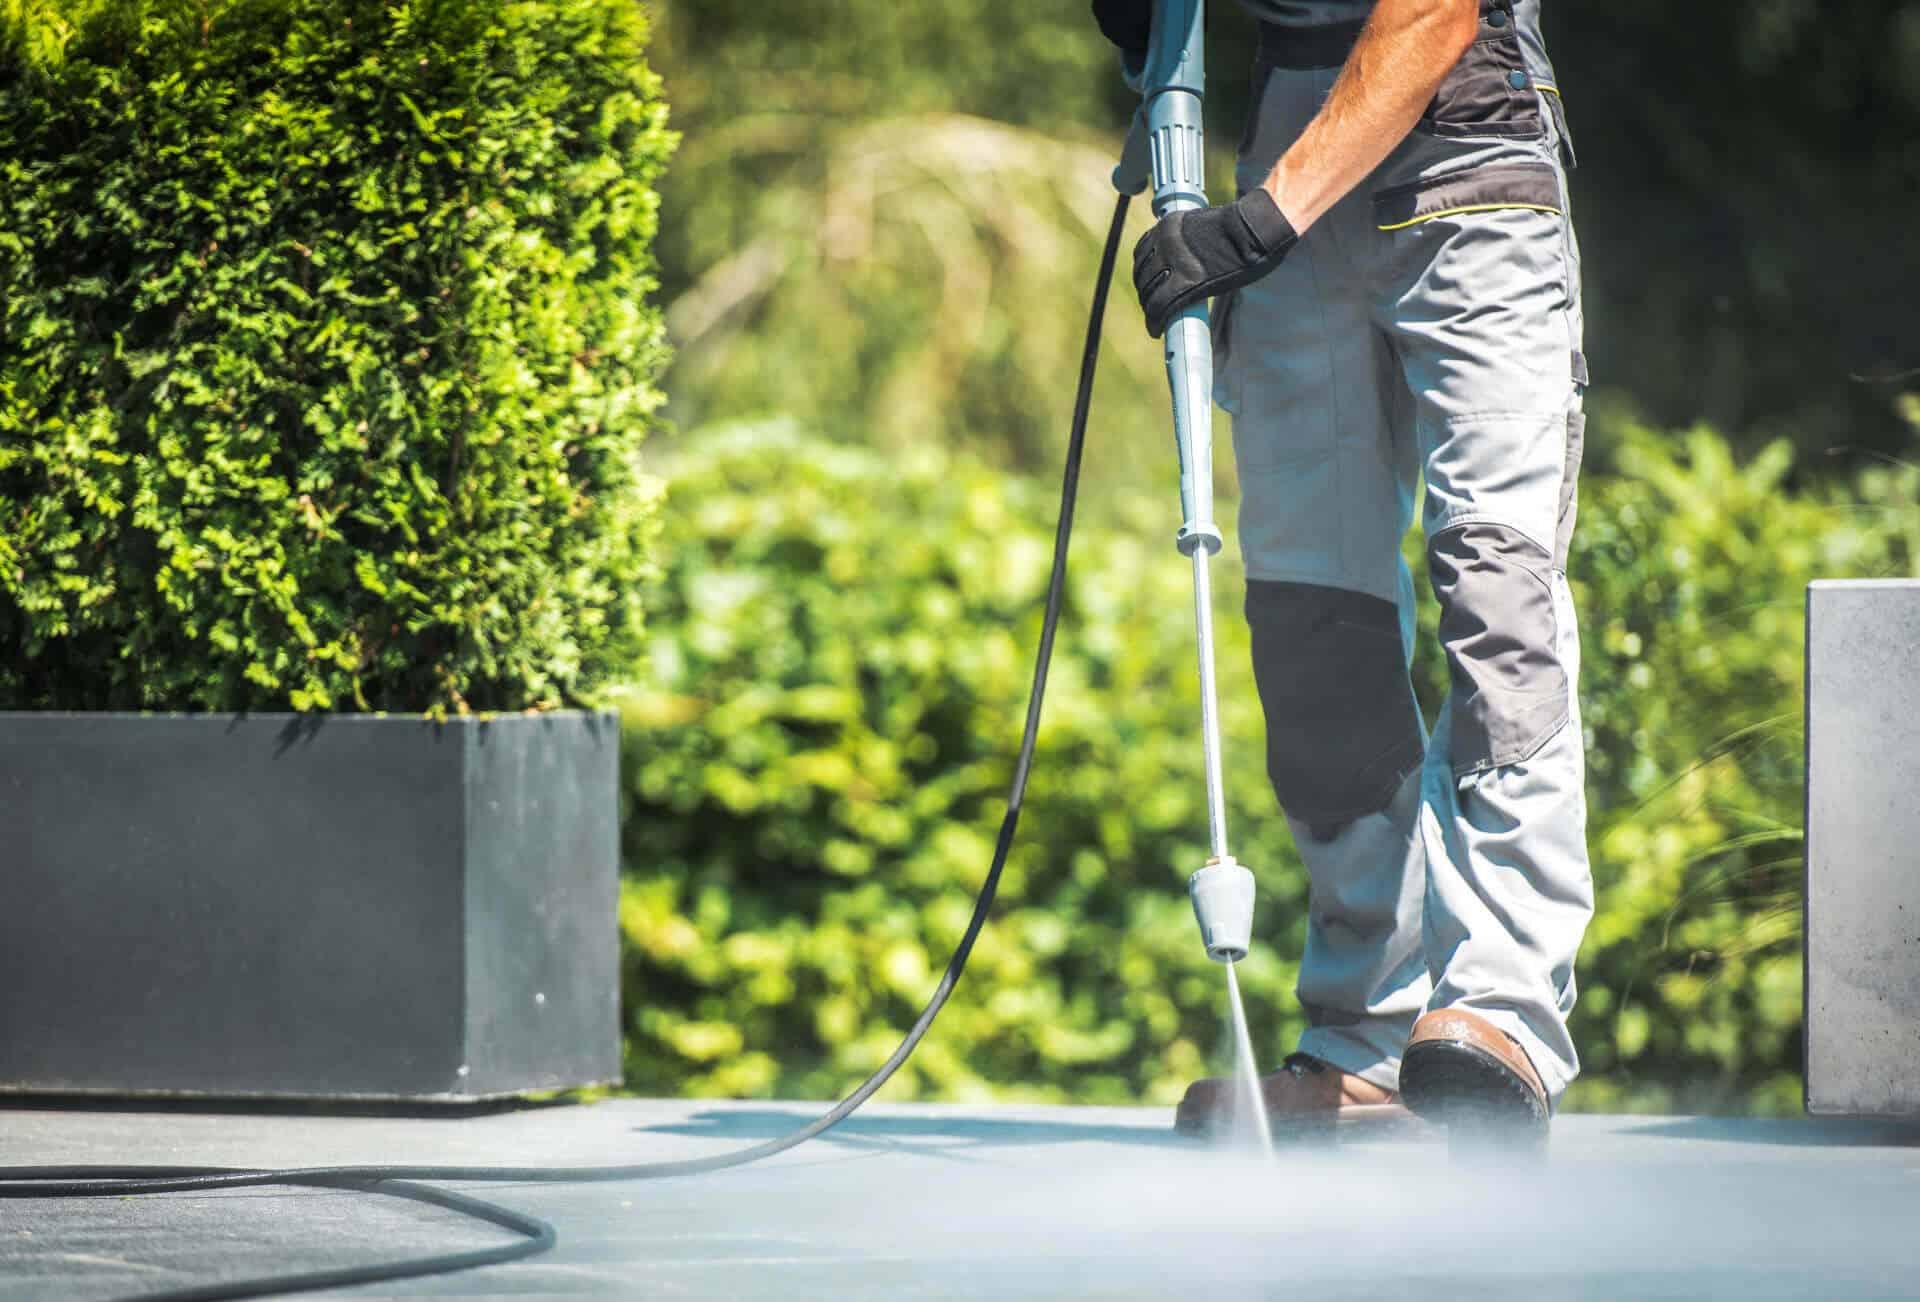 Man pressure cleaning floor